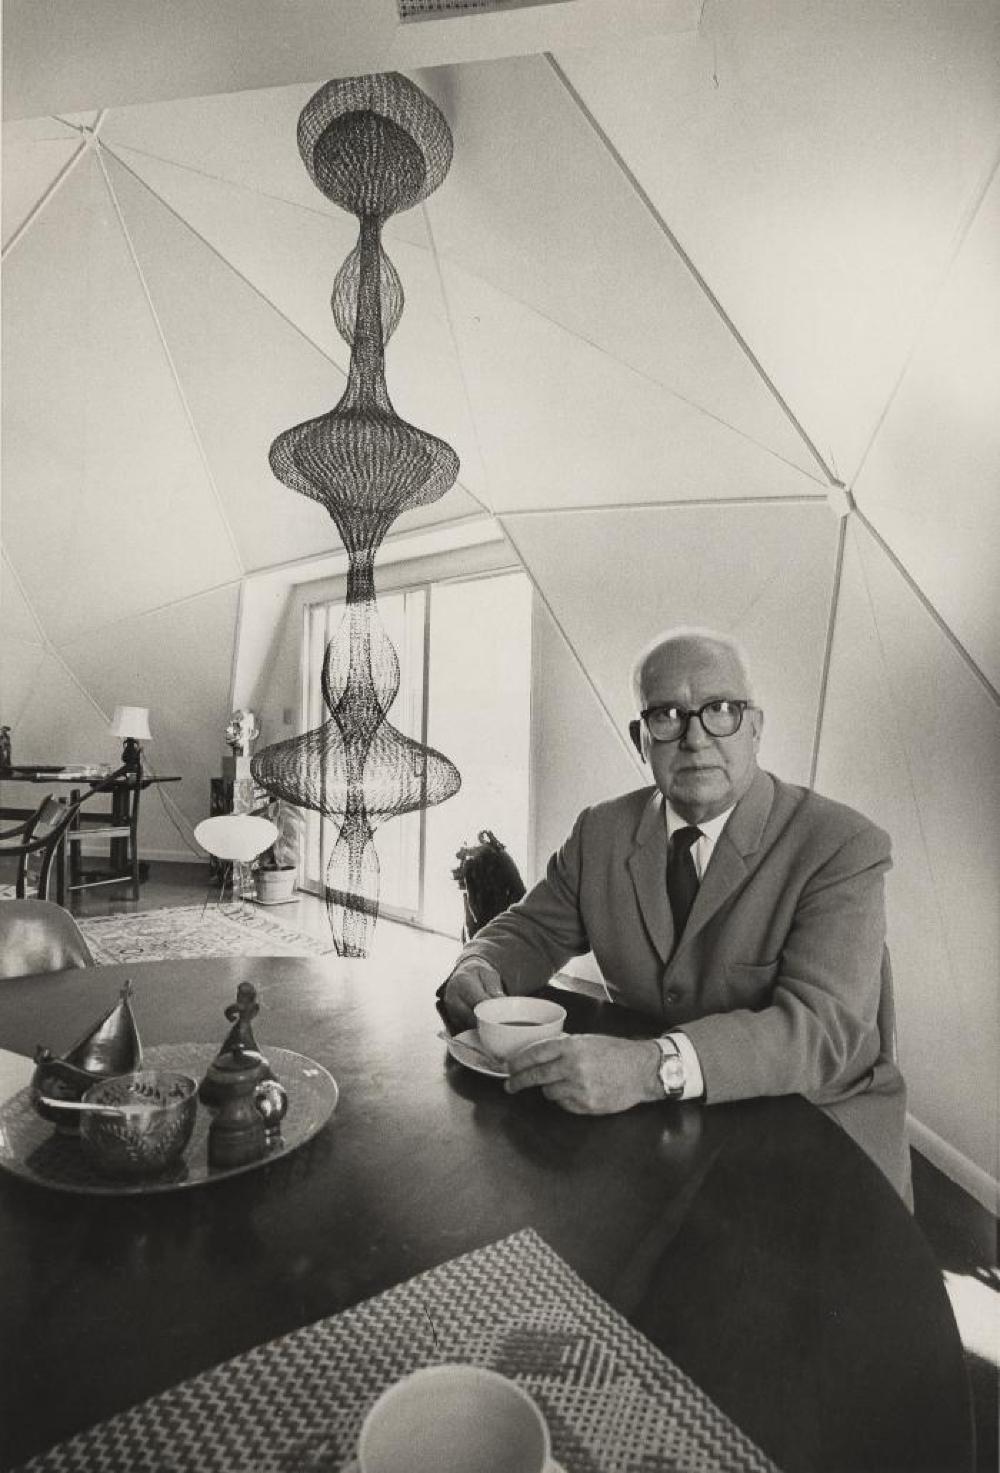 R. Buckminster Fuller, image 4